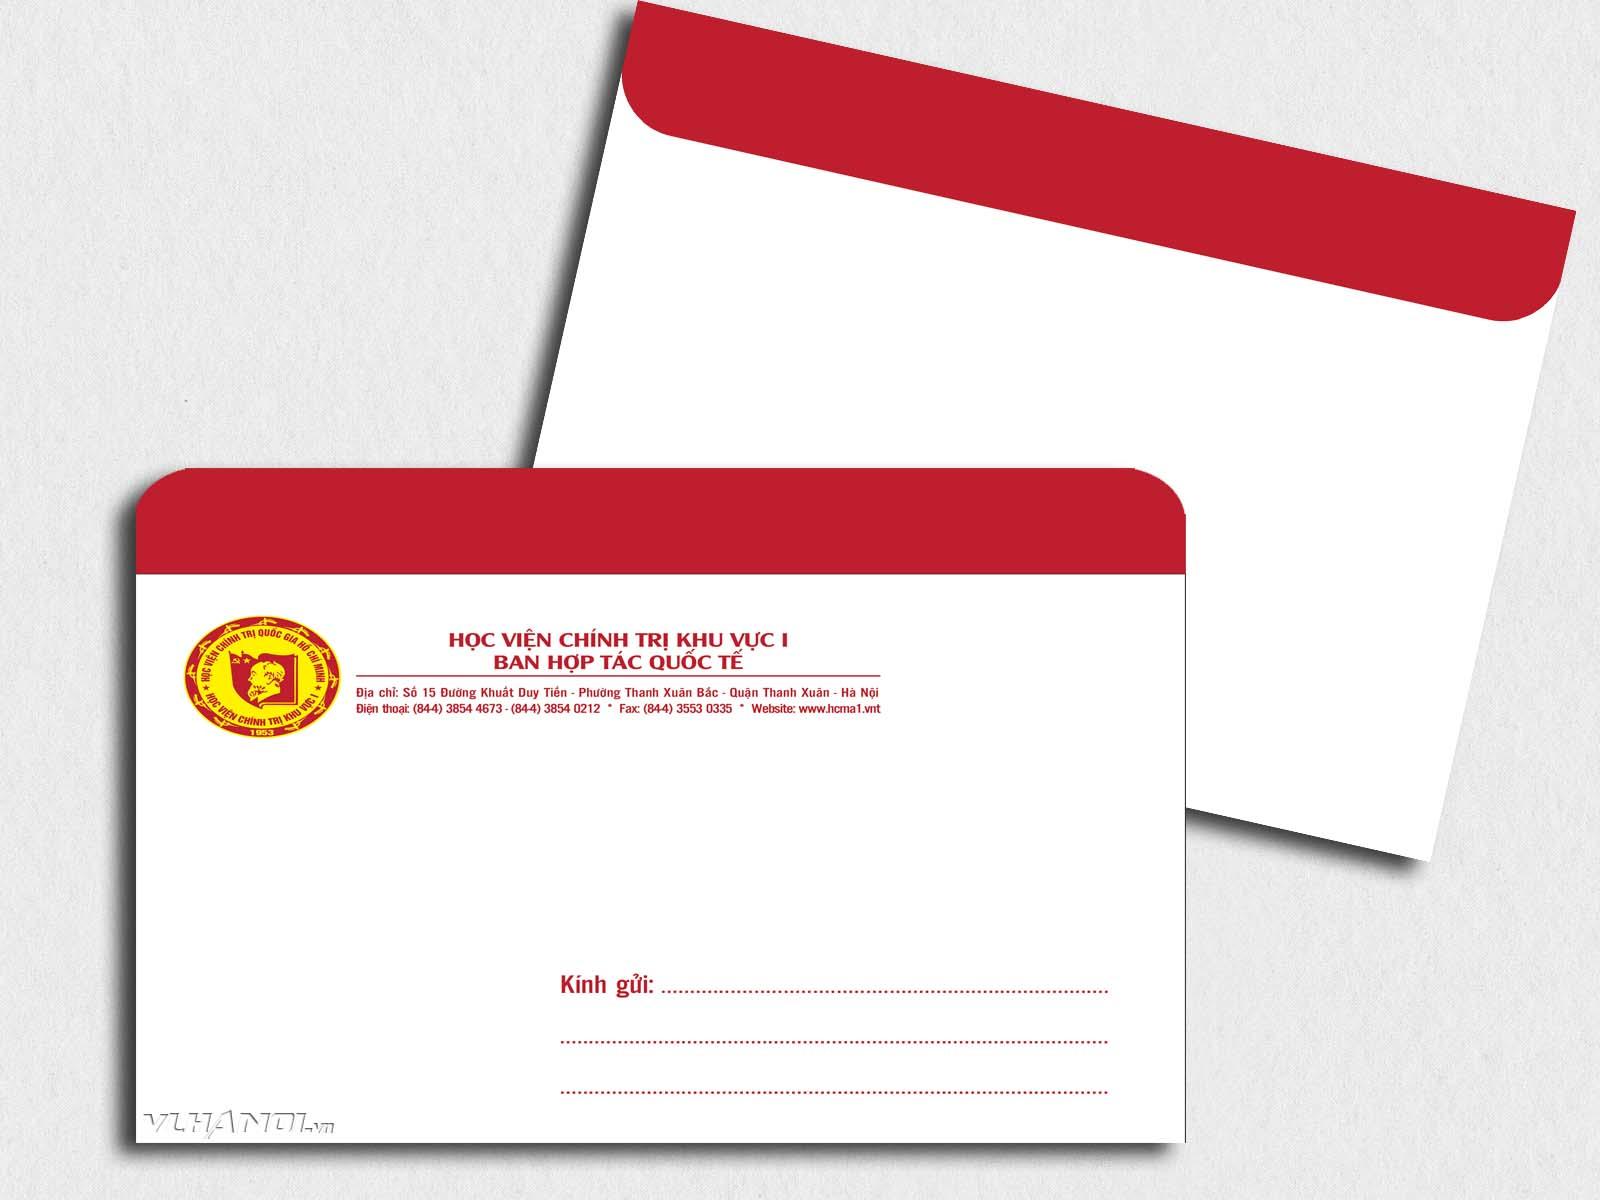 Mẫu phong bì thư đẹp từ Xưởng in 2T